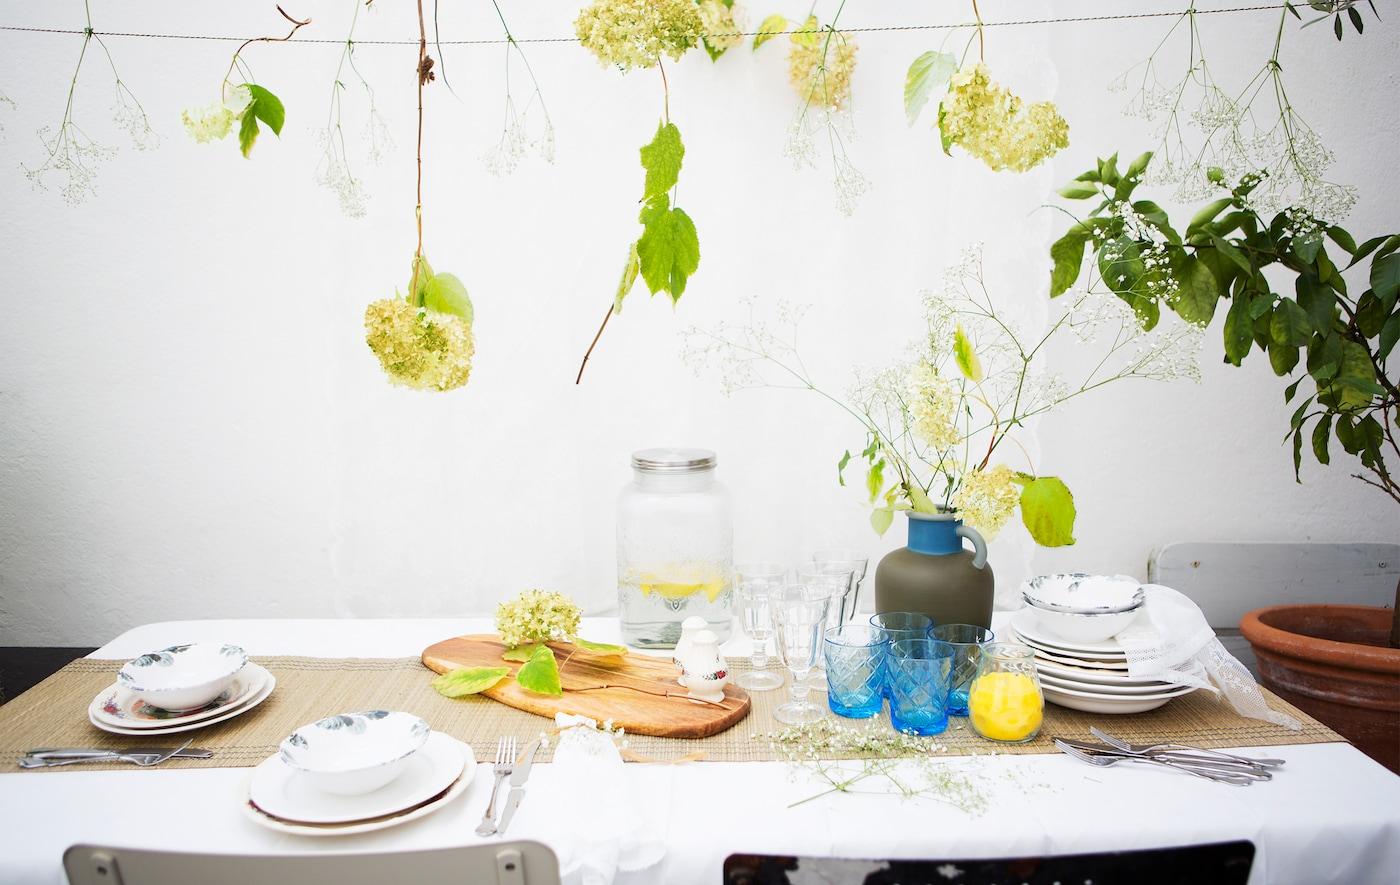 Kattaus, jossa on kuviolliset astiat, lasit ja keraaminen maljakko, jossa on kukkia.